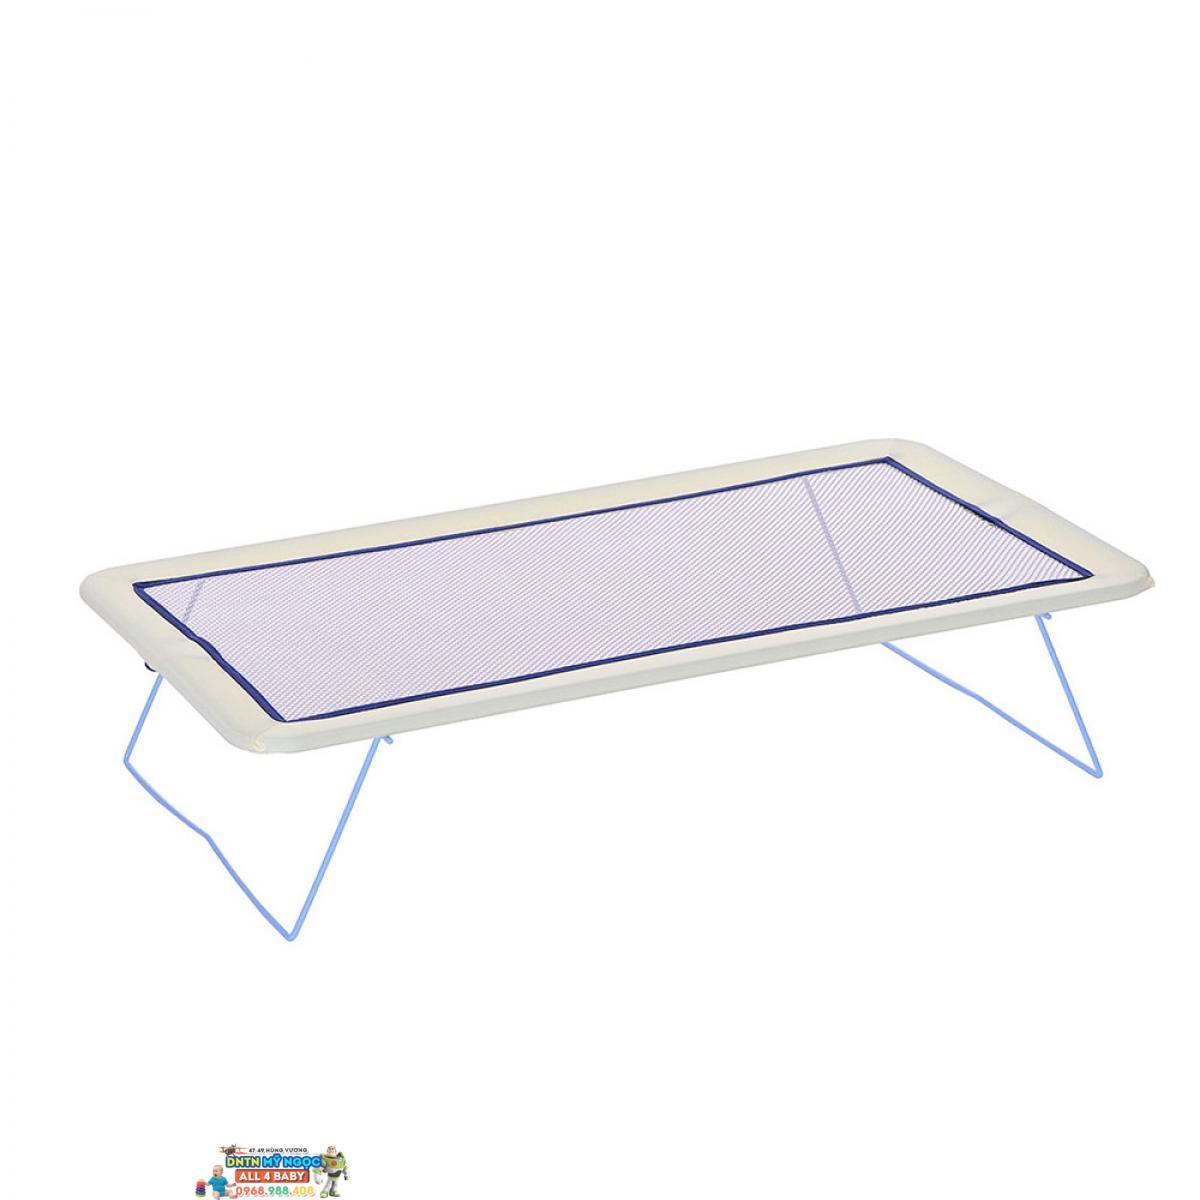 Nôi mềm Autoru hai tầng (3 sao)